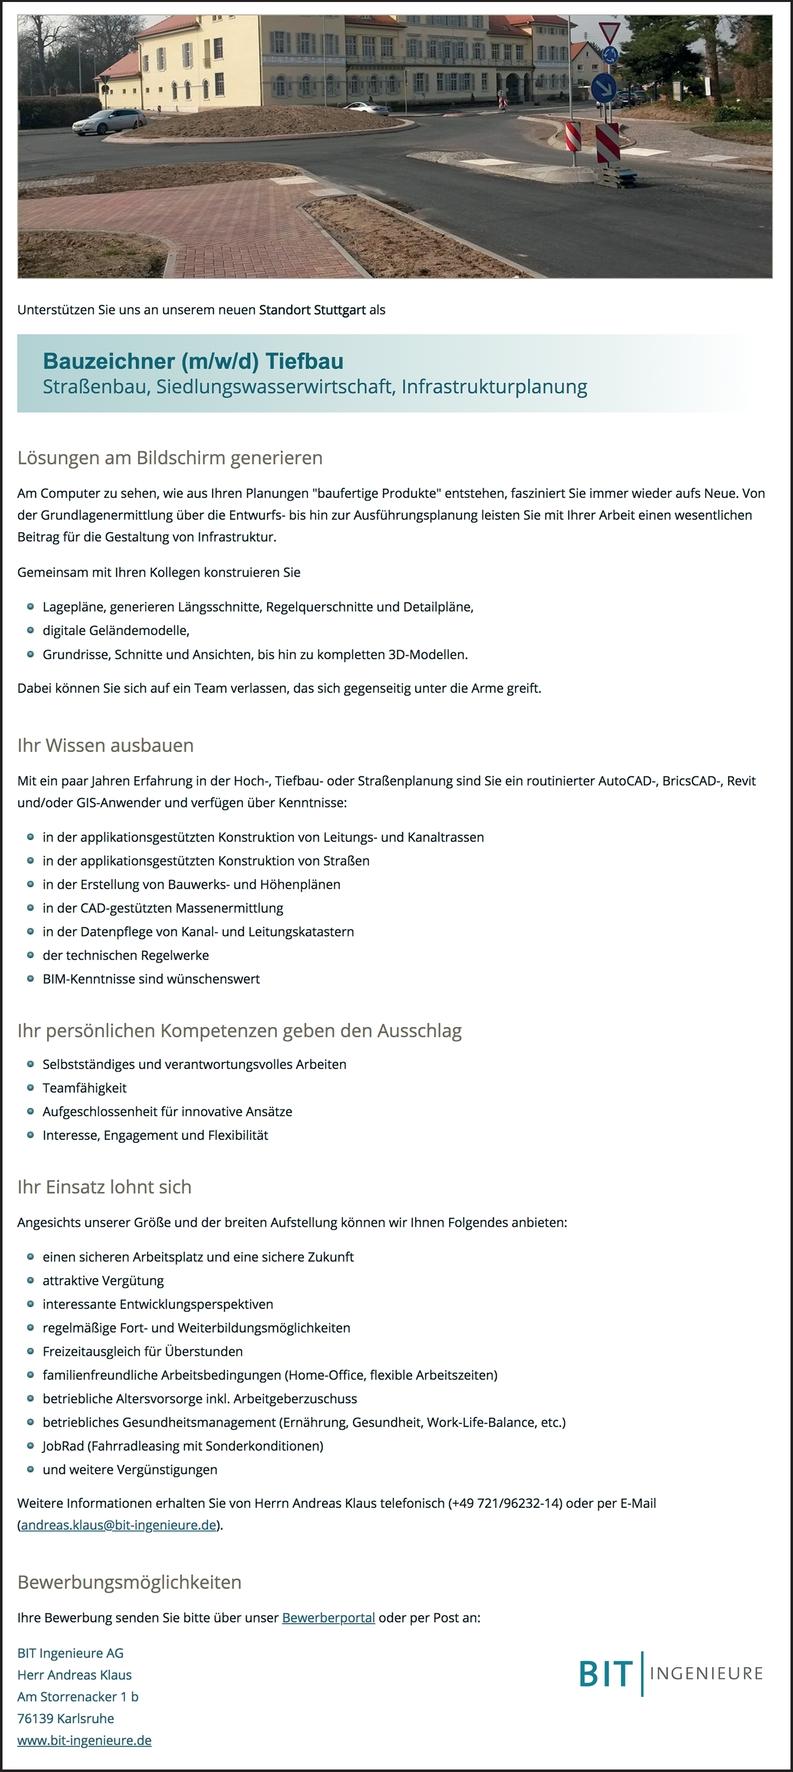 Bauzeichner (m/w/d) Tiefbau Straßenbau, Siedlungswasserwirtschaft, Infrastrukturplanung